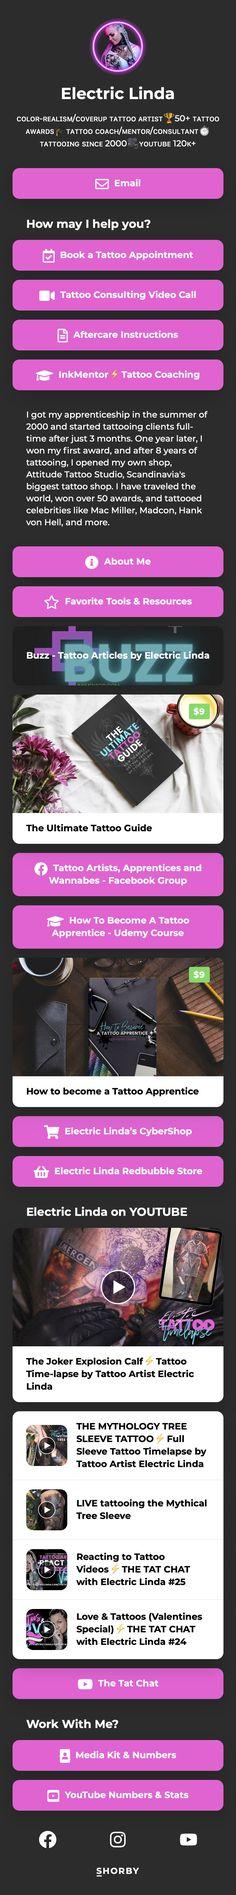 ᴄᴏʟᴏʀ-ʀᴇᴀʟɪꜱᴍ/ᴄᴏᴠᴇʀᴜᴘ ᴛᴀᴛᴛᴏᴏ ᴀʀᴛɪꜱᴛ #tattoo #tattooartist #pinterestinspired Digital Marketing, Social Media, Tattoo, Tattoos, Social Networks, Social Media Tips, Tattos, A Tattoo